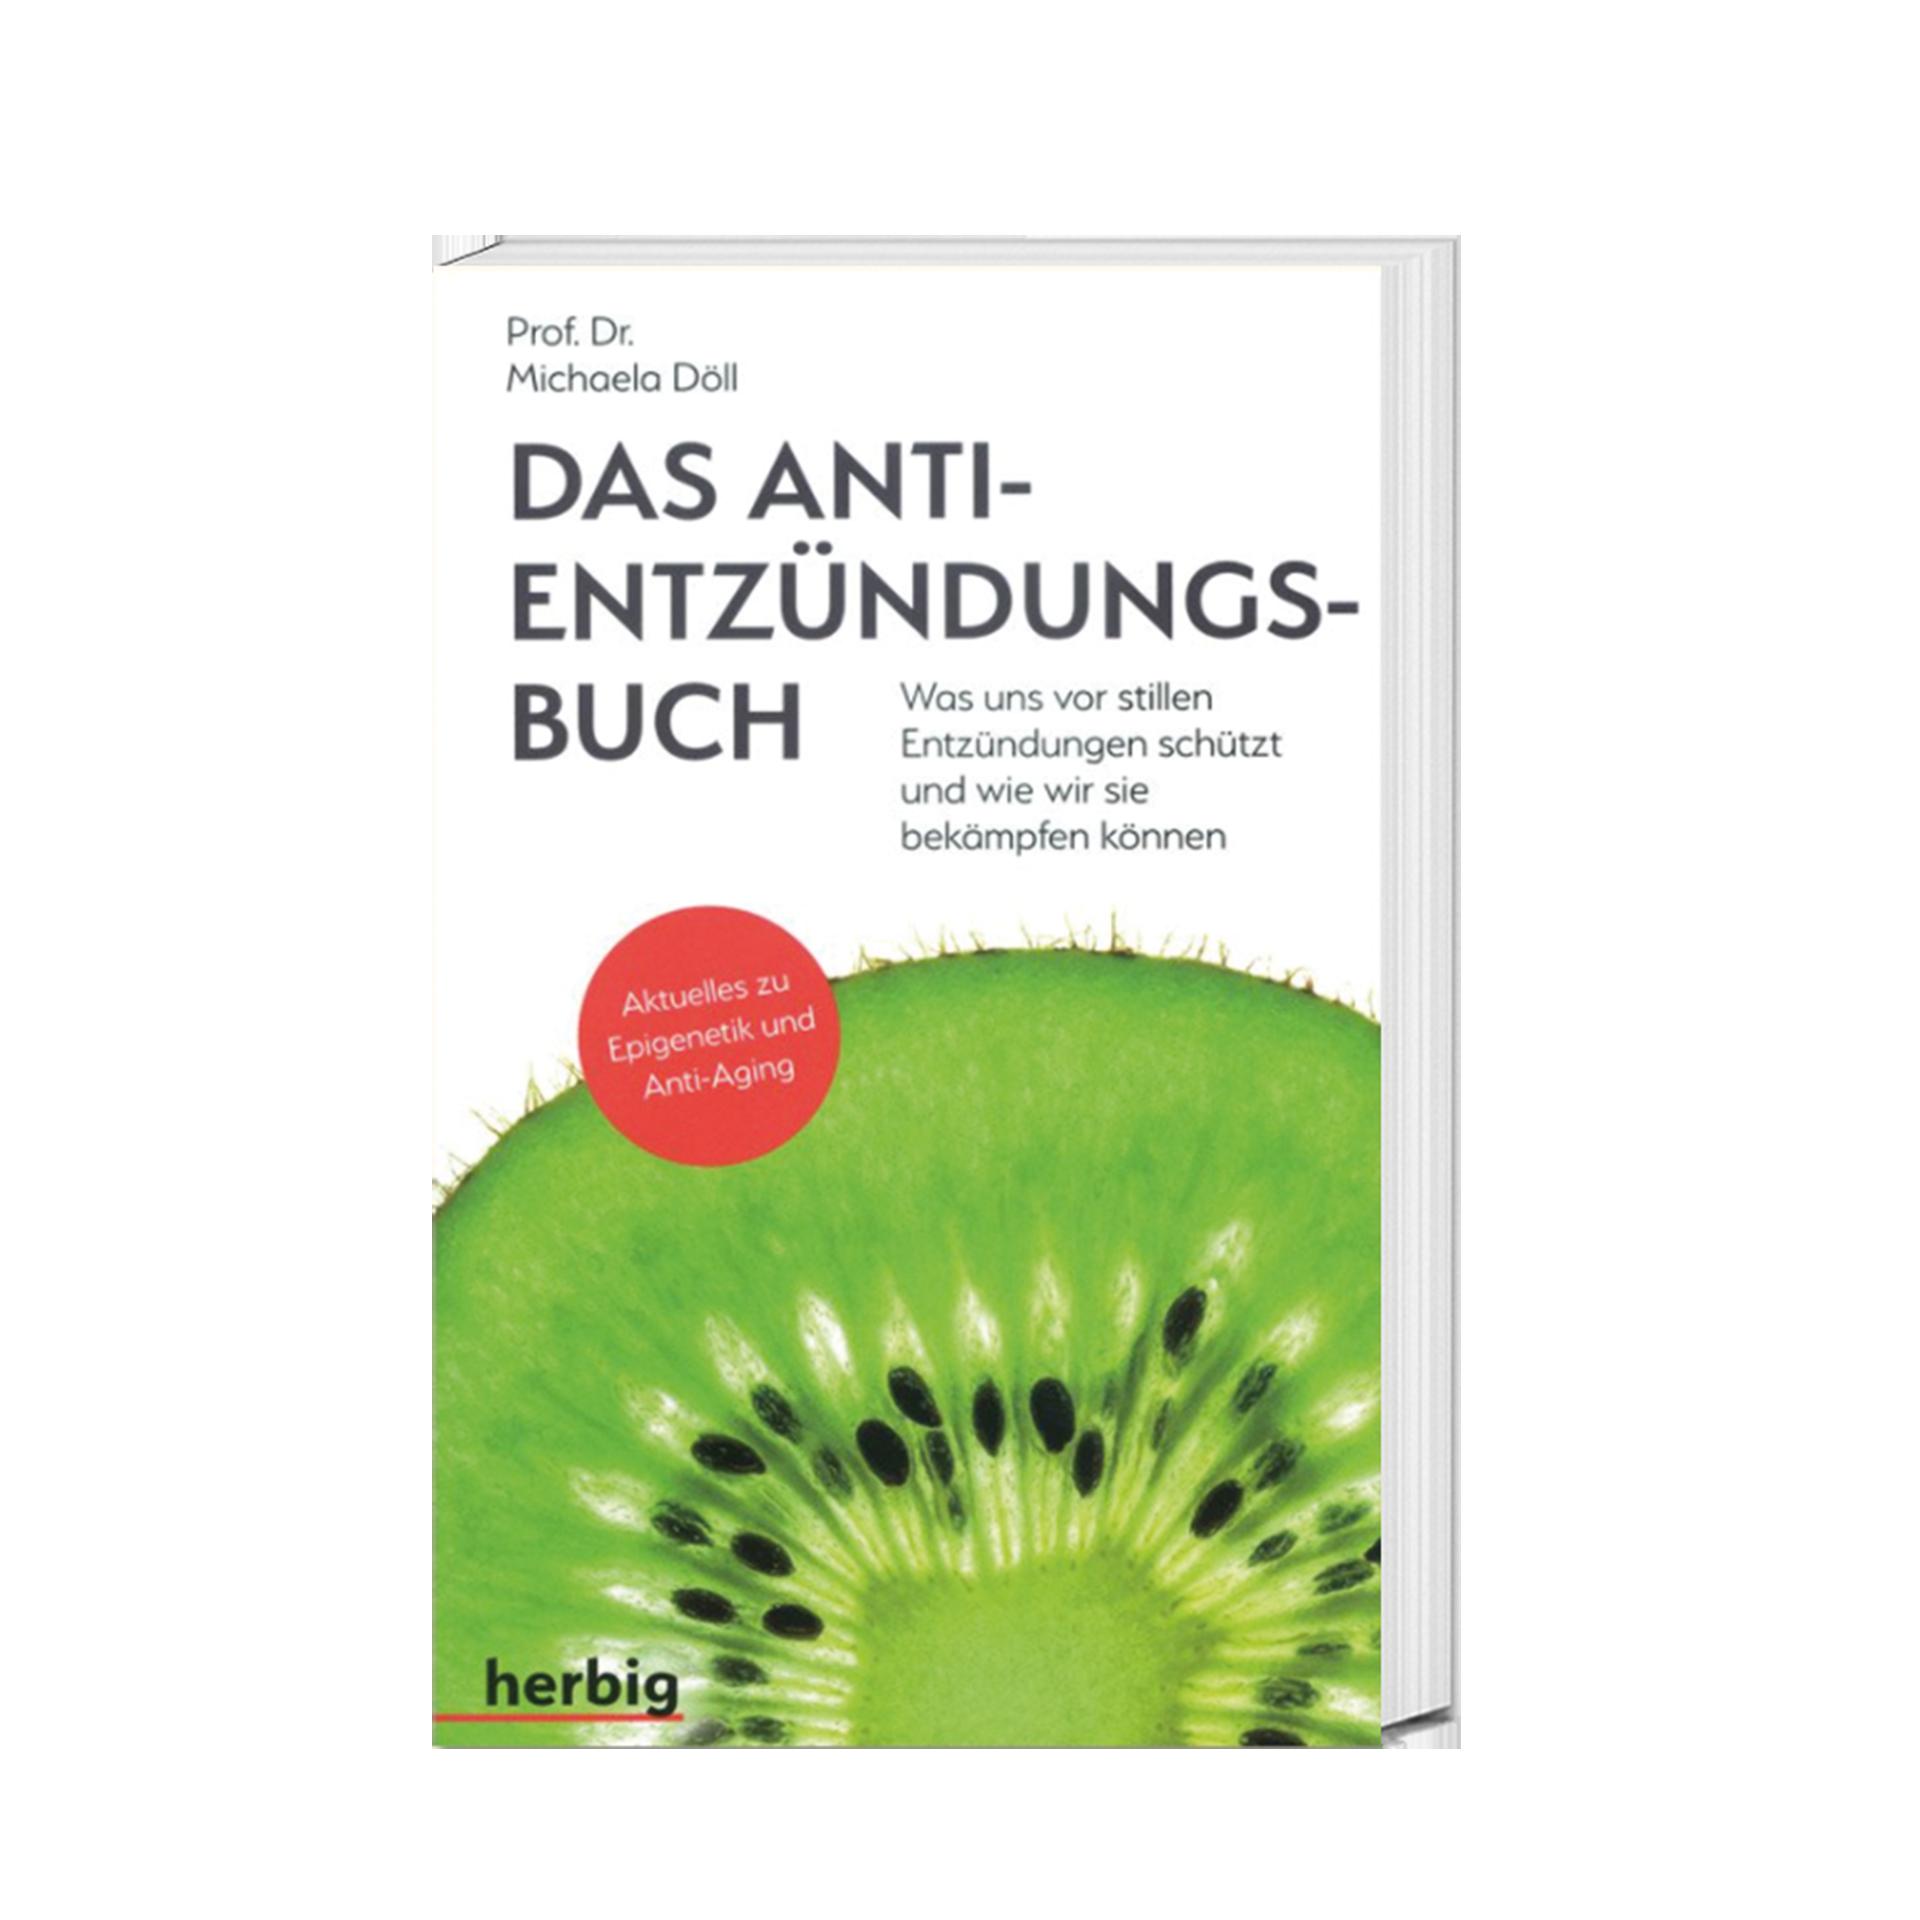 Das Anti-Entzündungsbuch, 172 Seiten